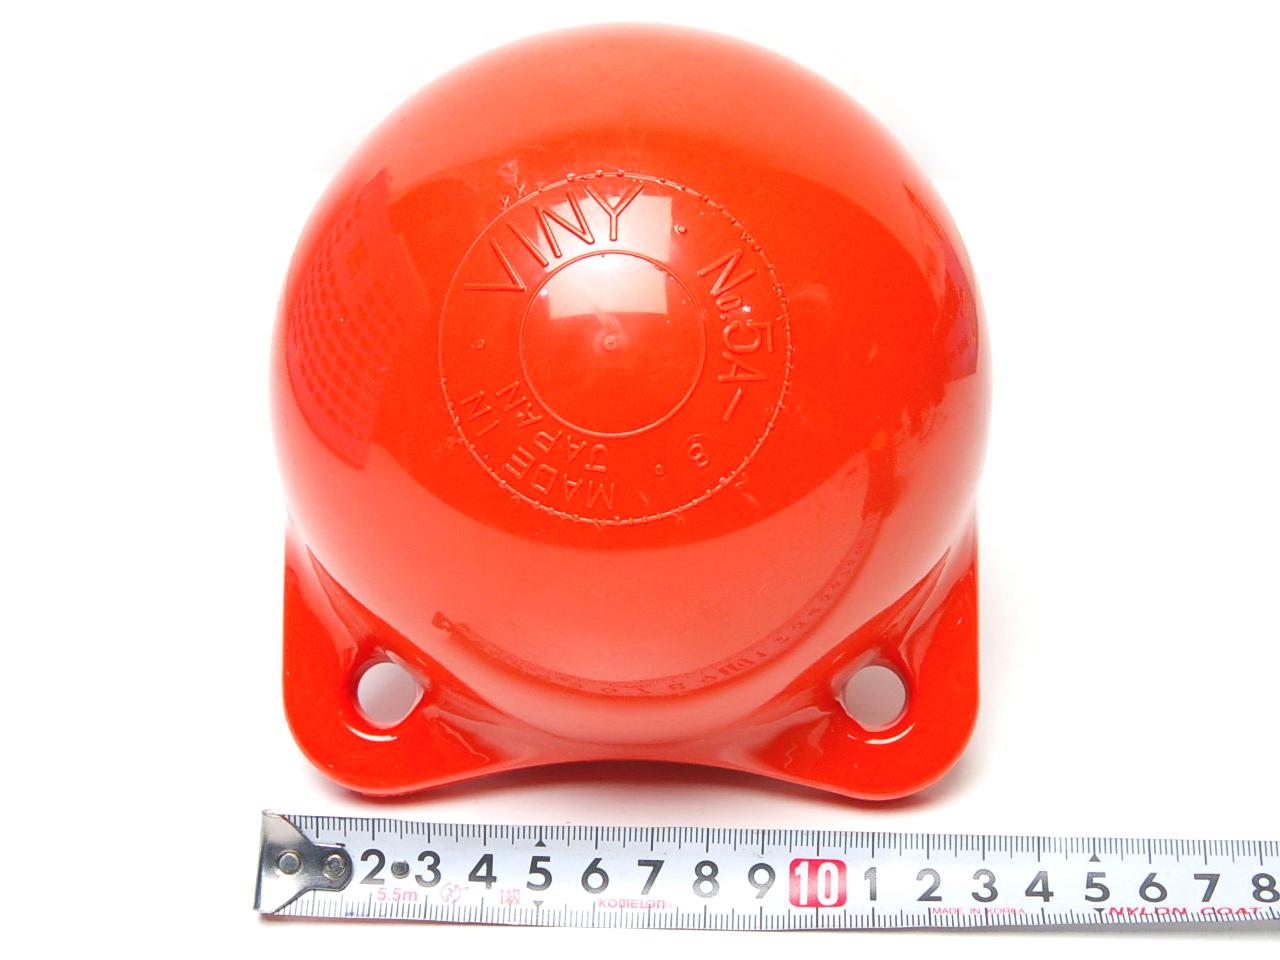 ビニー ABS製 水中A型フロート(底曳) 大 ★水中で撮影器材等を軽くする便利グッズ [5A-8]